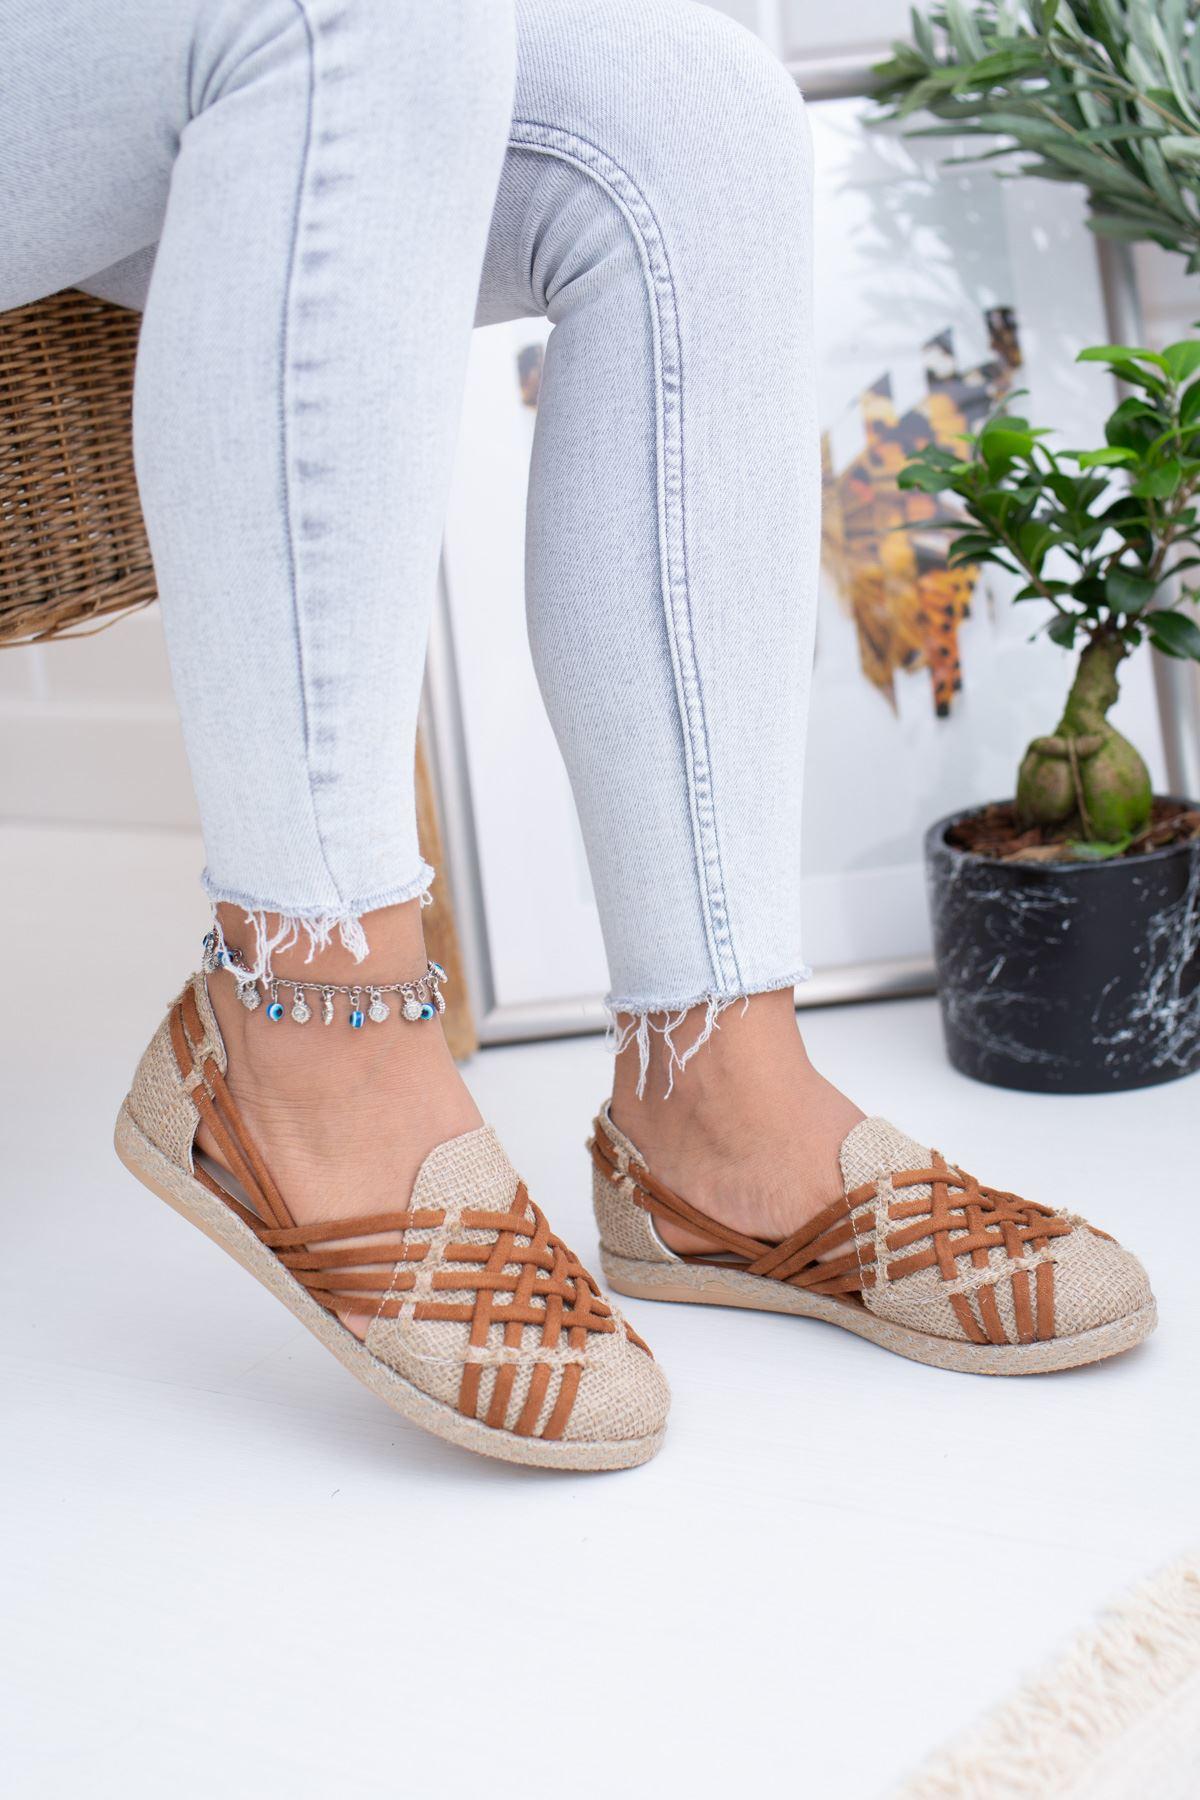 Örgülü Taba Hasır Kadın Ayakkabı